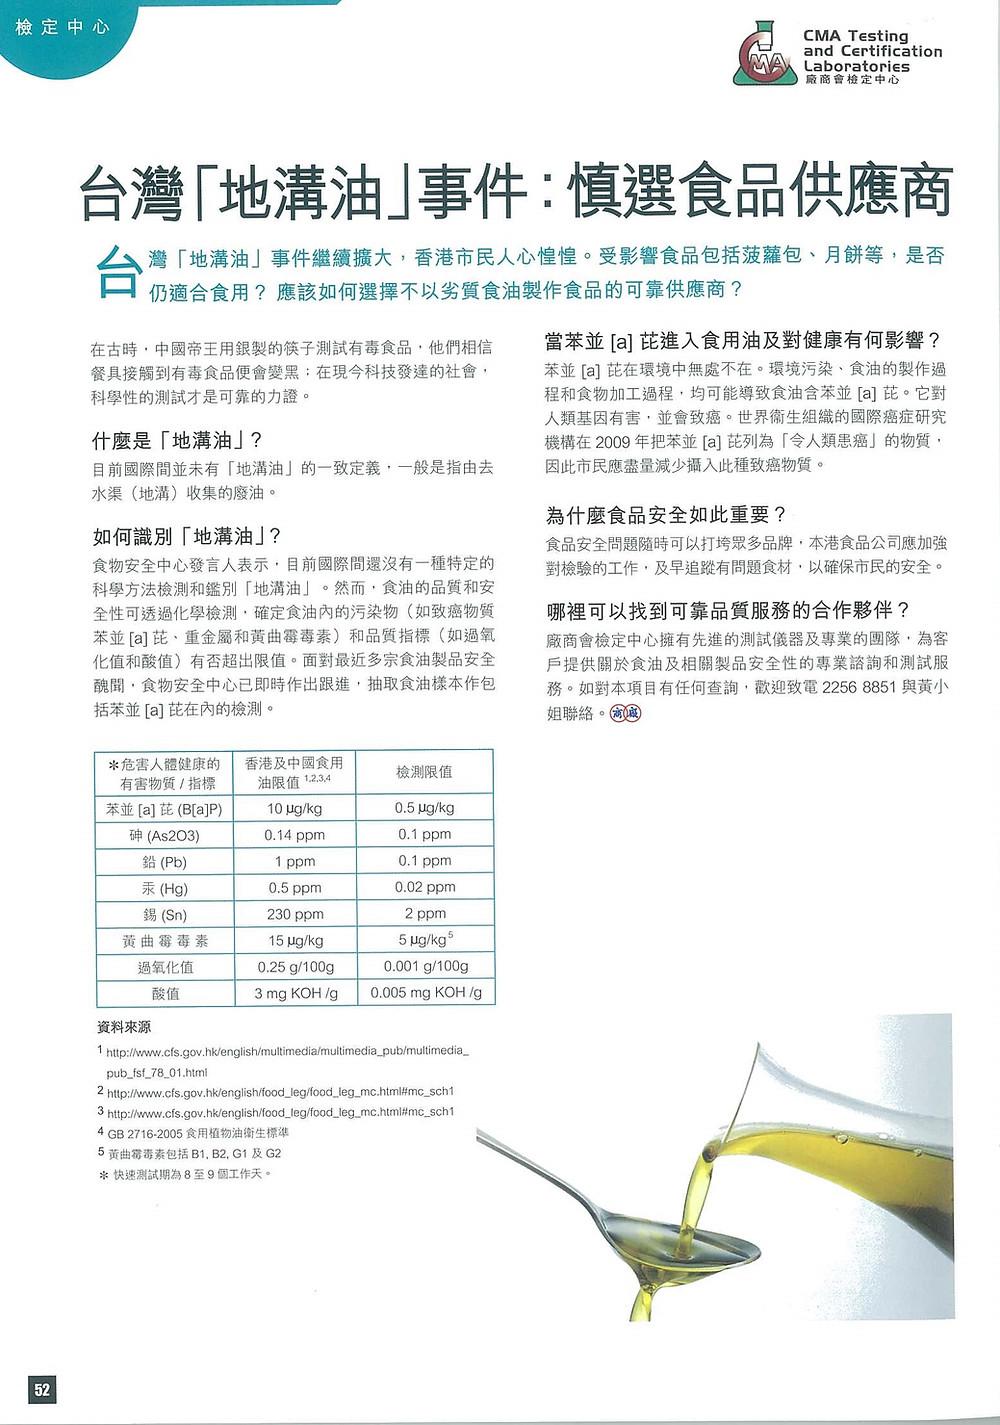 台灣地溝油事件:慎選食品供應商.jpg